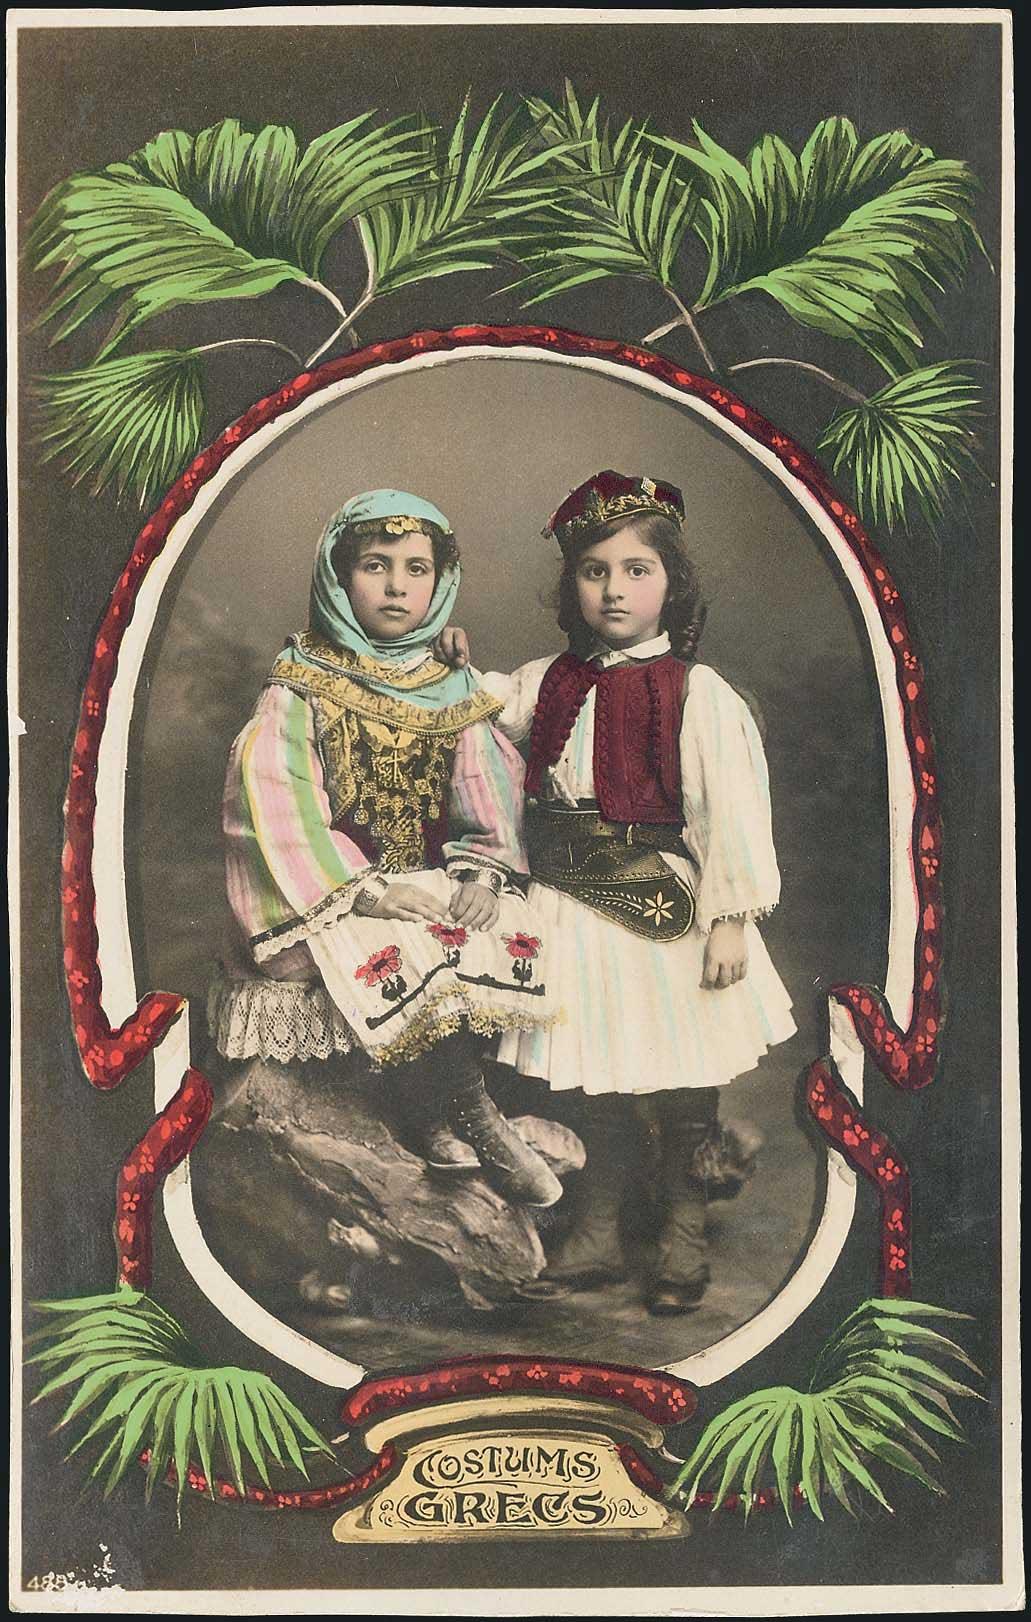 Lot 1488 - -  PICTURE POSTCARDS costumes -  A. Karamitsos Public Auction 664 General Philatelic Auction